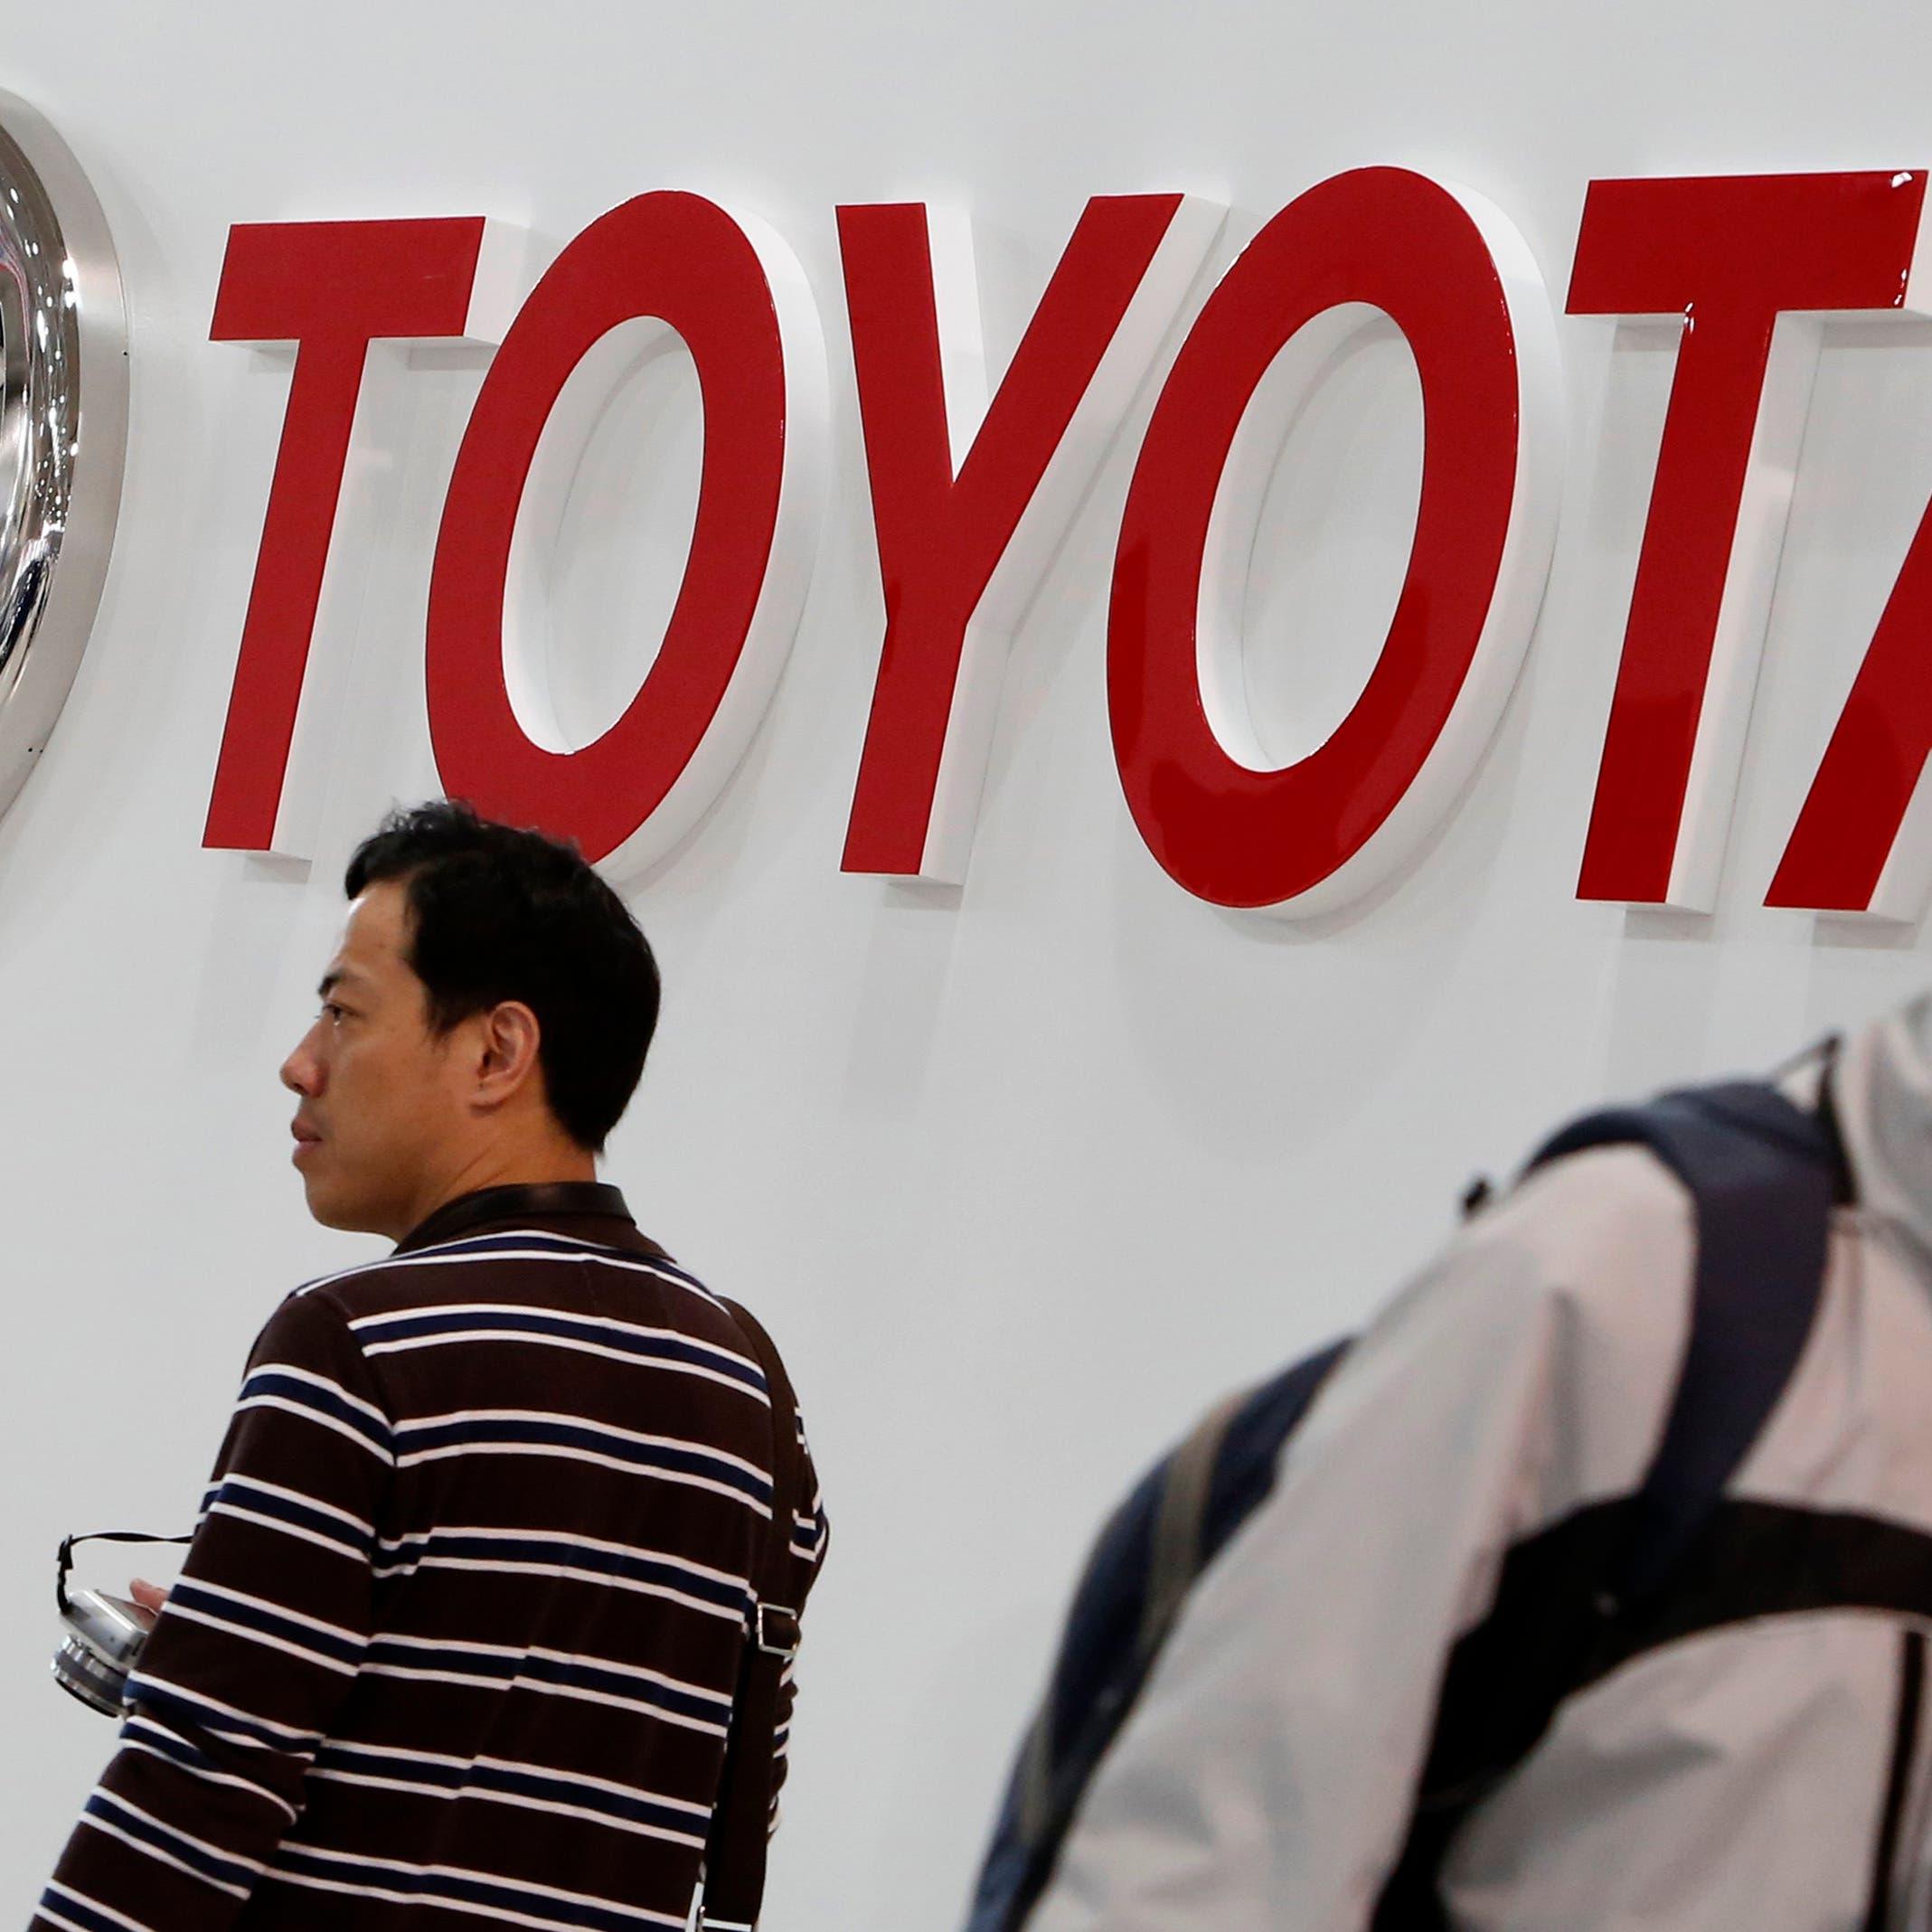 تويوتا تخفض إنتاجها 10% في يوليو بسبب كورونا